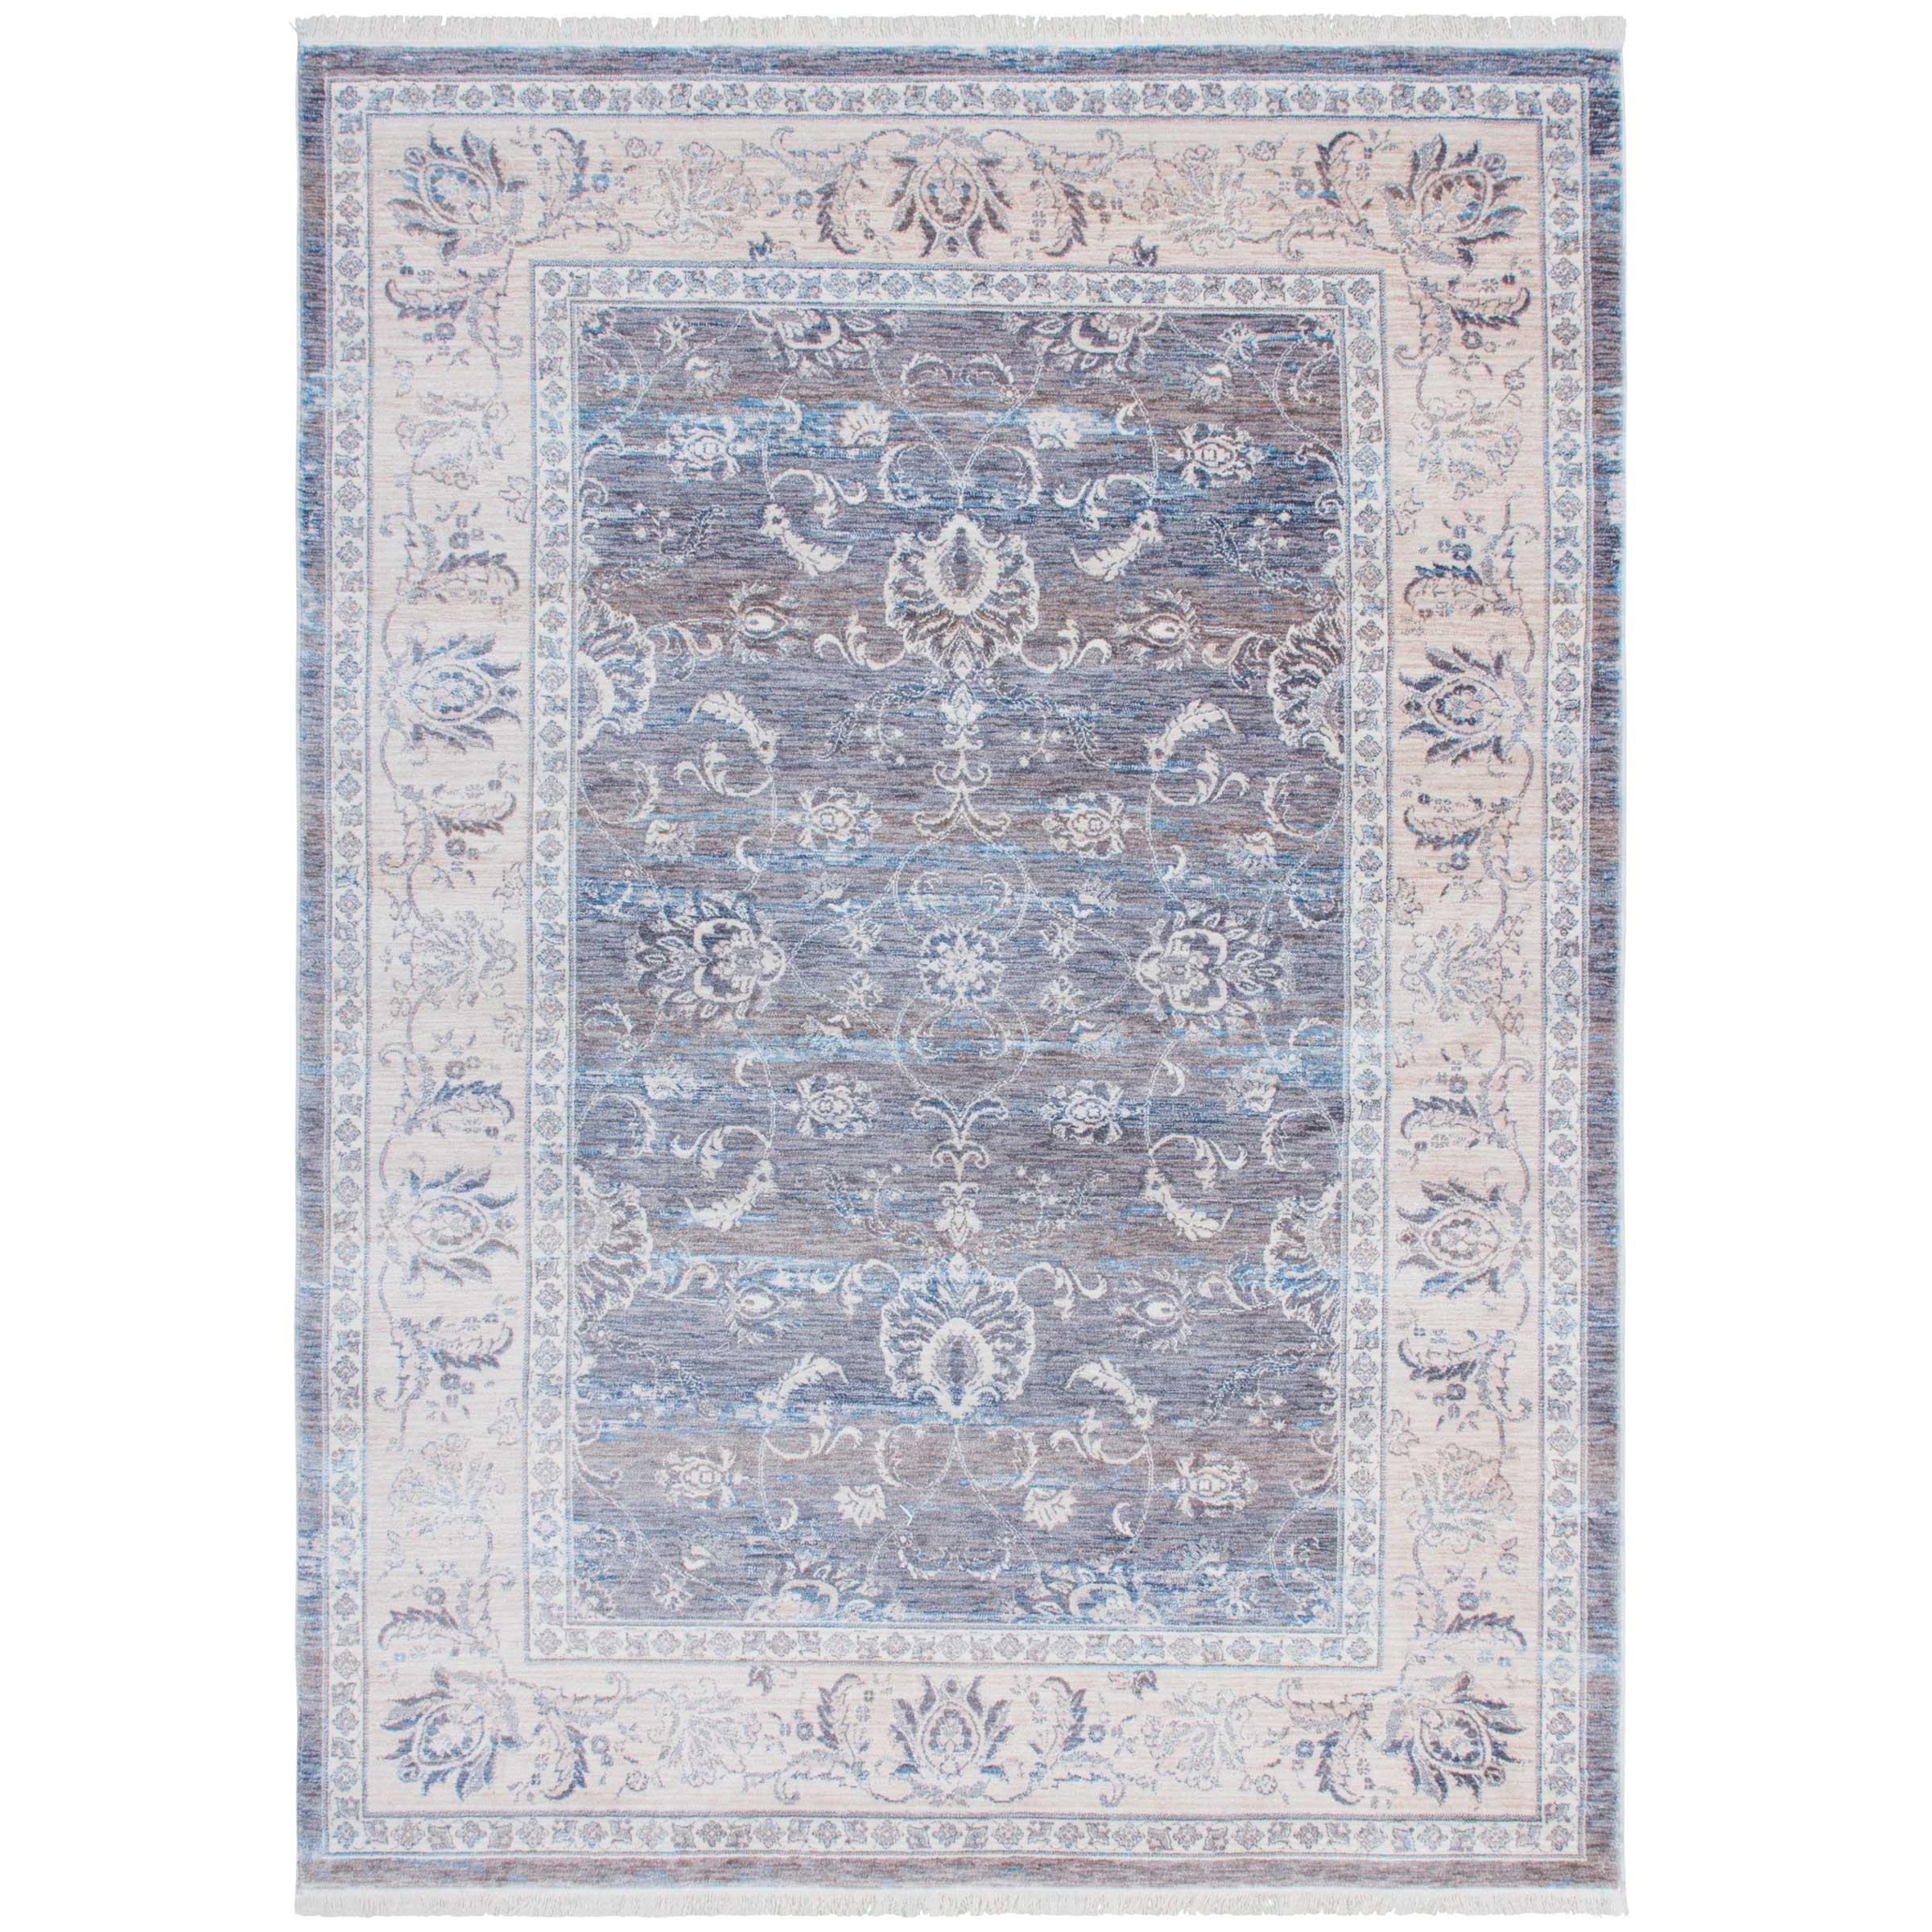 Goede Perzisch woonkamer tapijt kopen?   Perzische tapijten IC-08